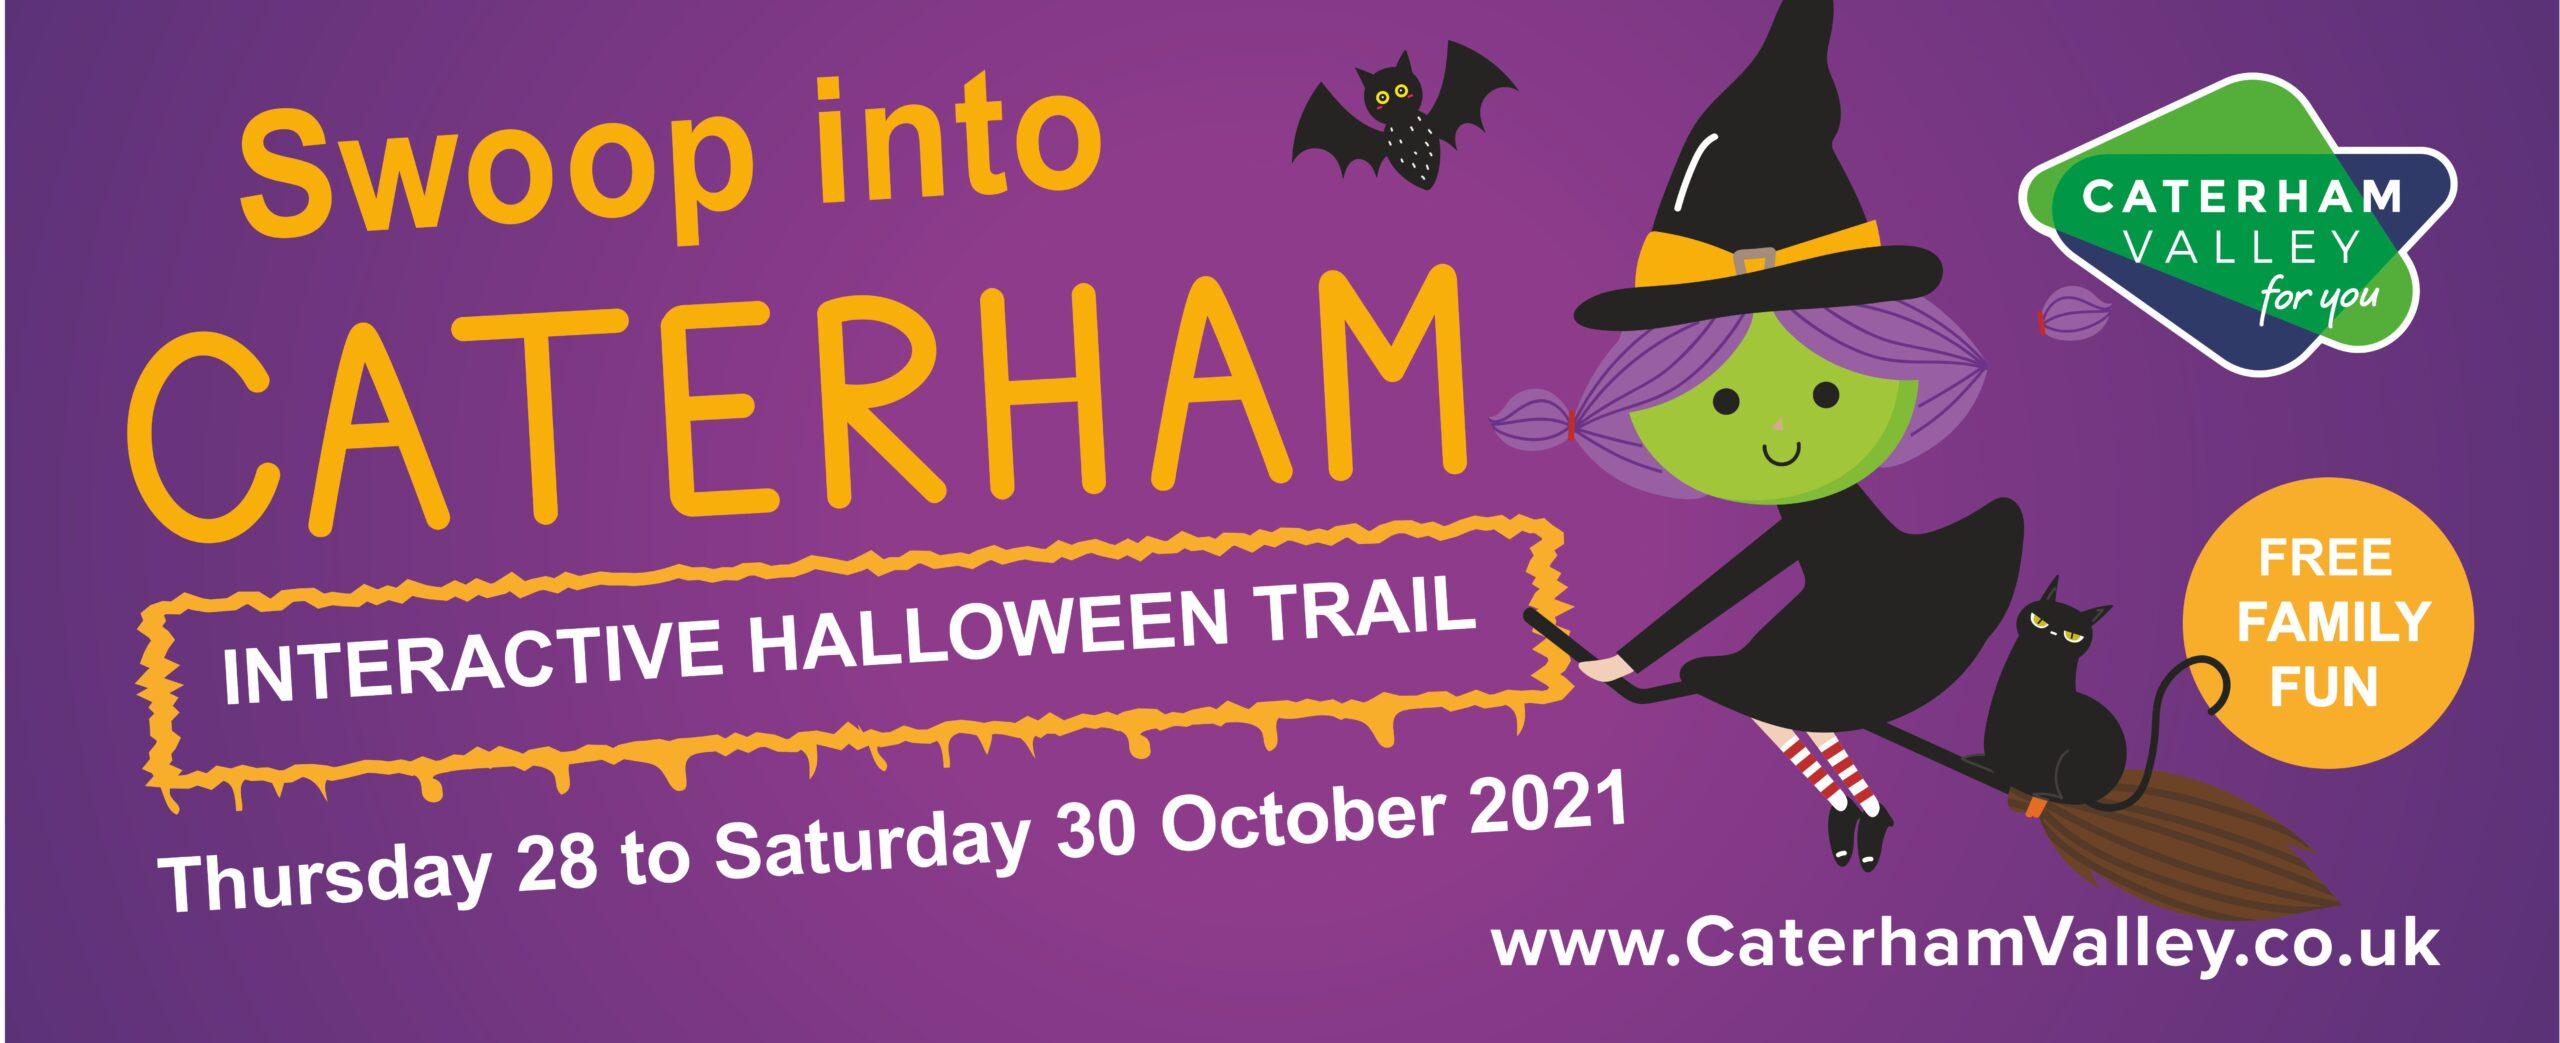 Halloween in Caterham Valley 2021